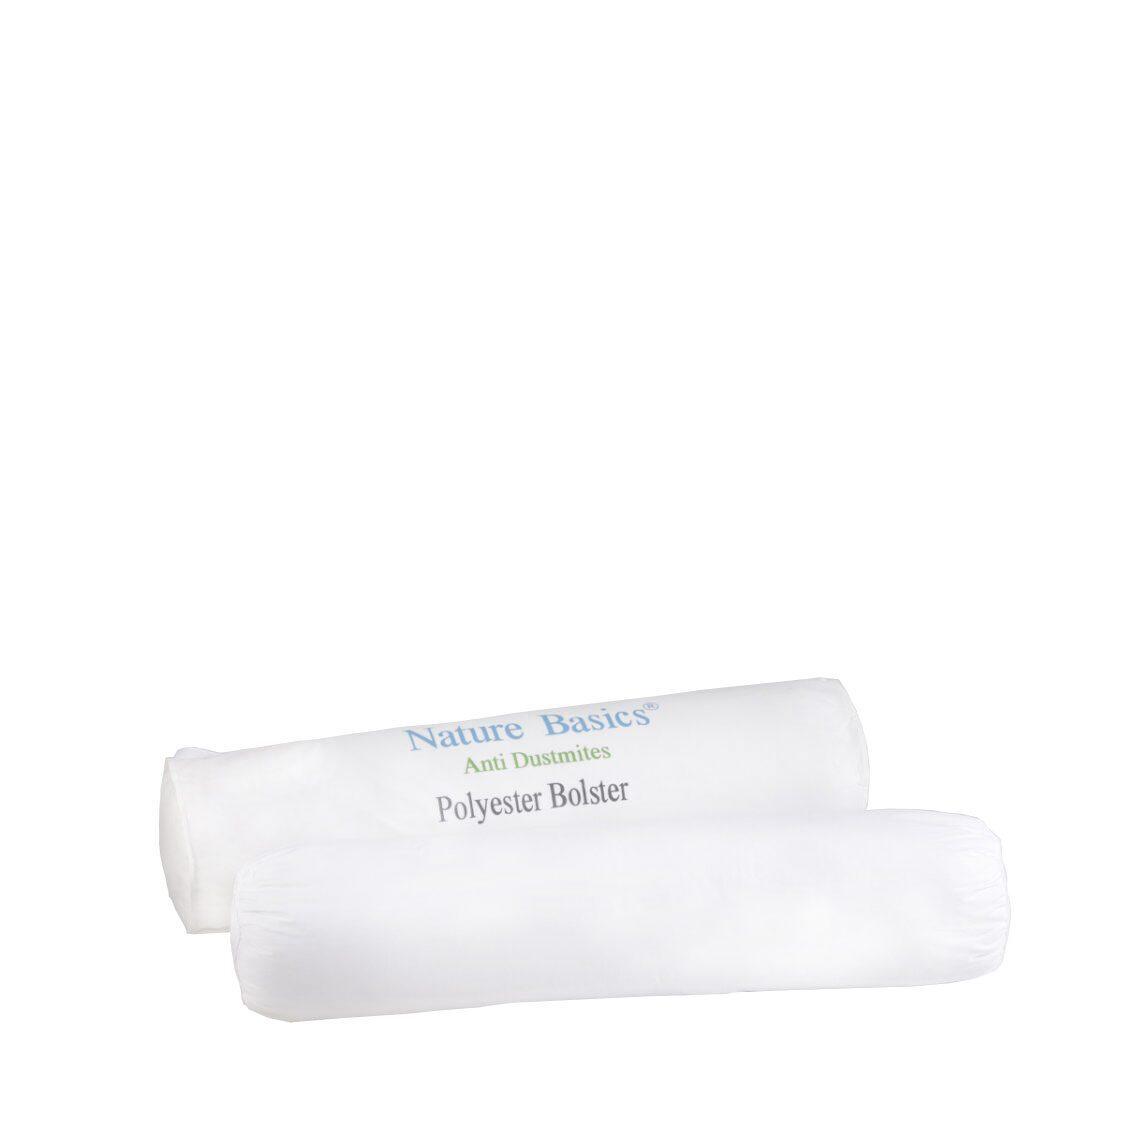 Polyester Bolster